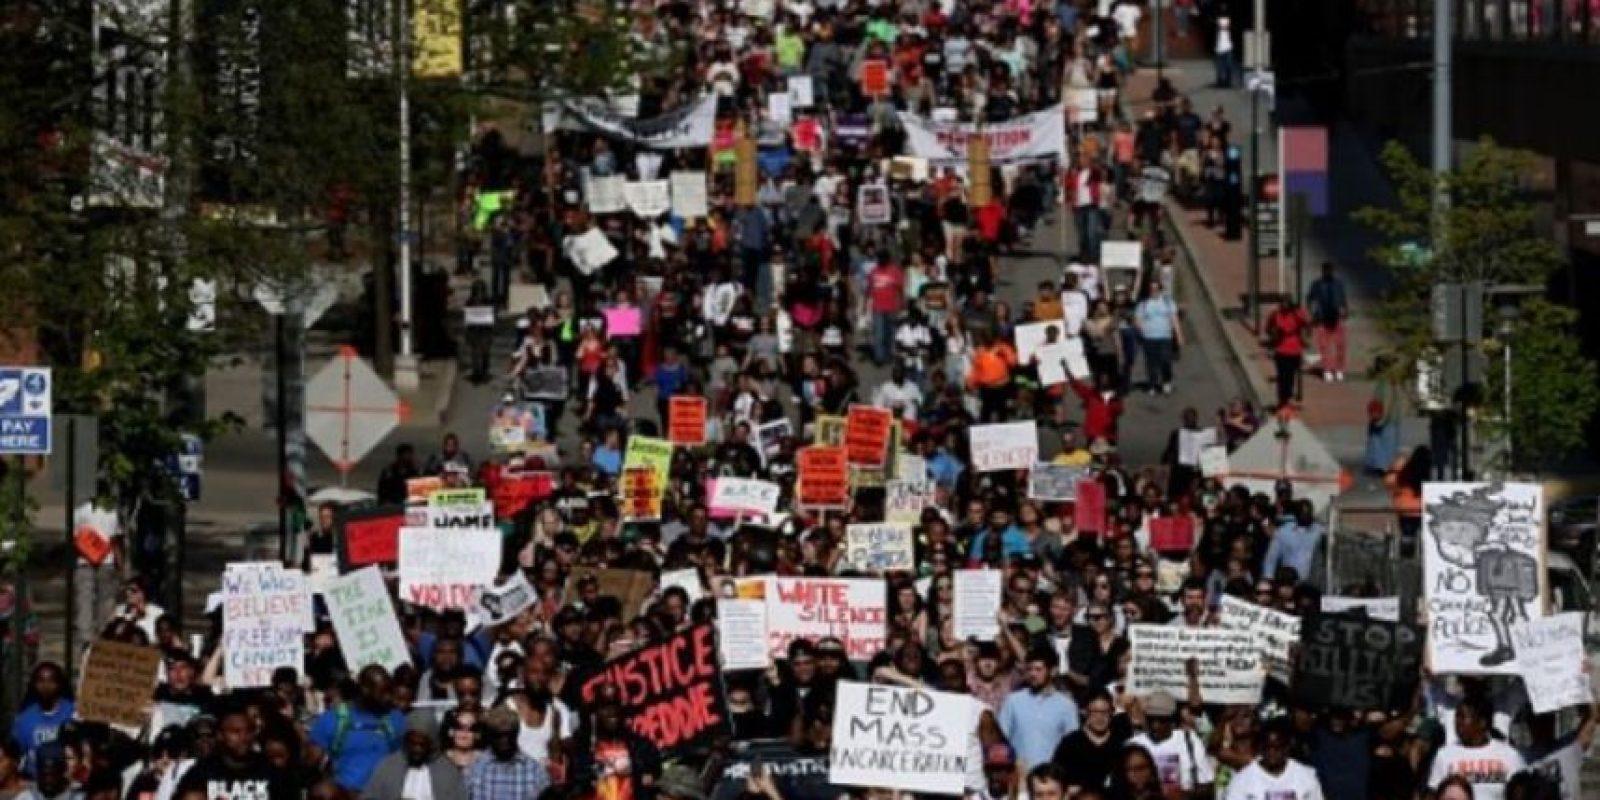 """La muerte de Freddie Gray, de 25 años, tras sufrir lesiones mientras se encontraba bajo la custodia de la policía en abril, dio lugar a dos semanas de protestas en el centro de Baltimore. El incidente volvió a encender el debate de la vigilancia policial y se convirtió en un tema más de enfoque del movimiento """"Black Lives Matter"""". Foto:Getty Images"""